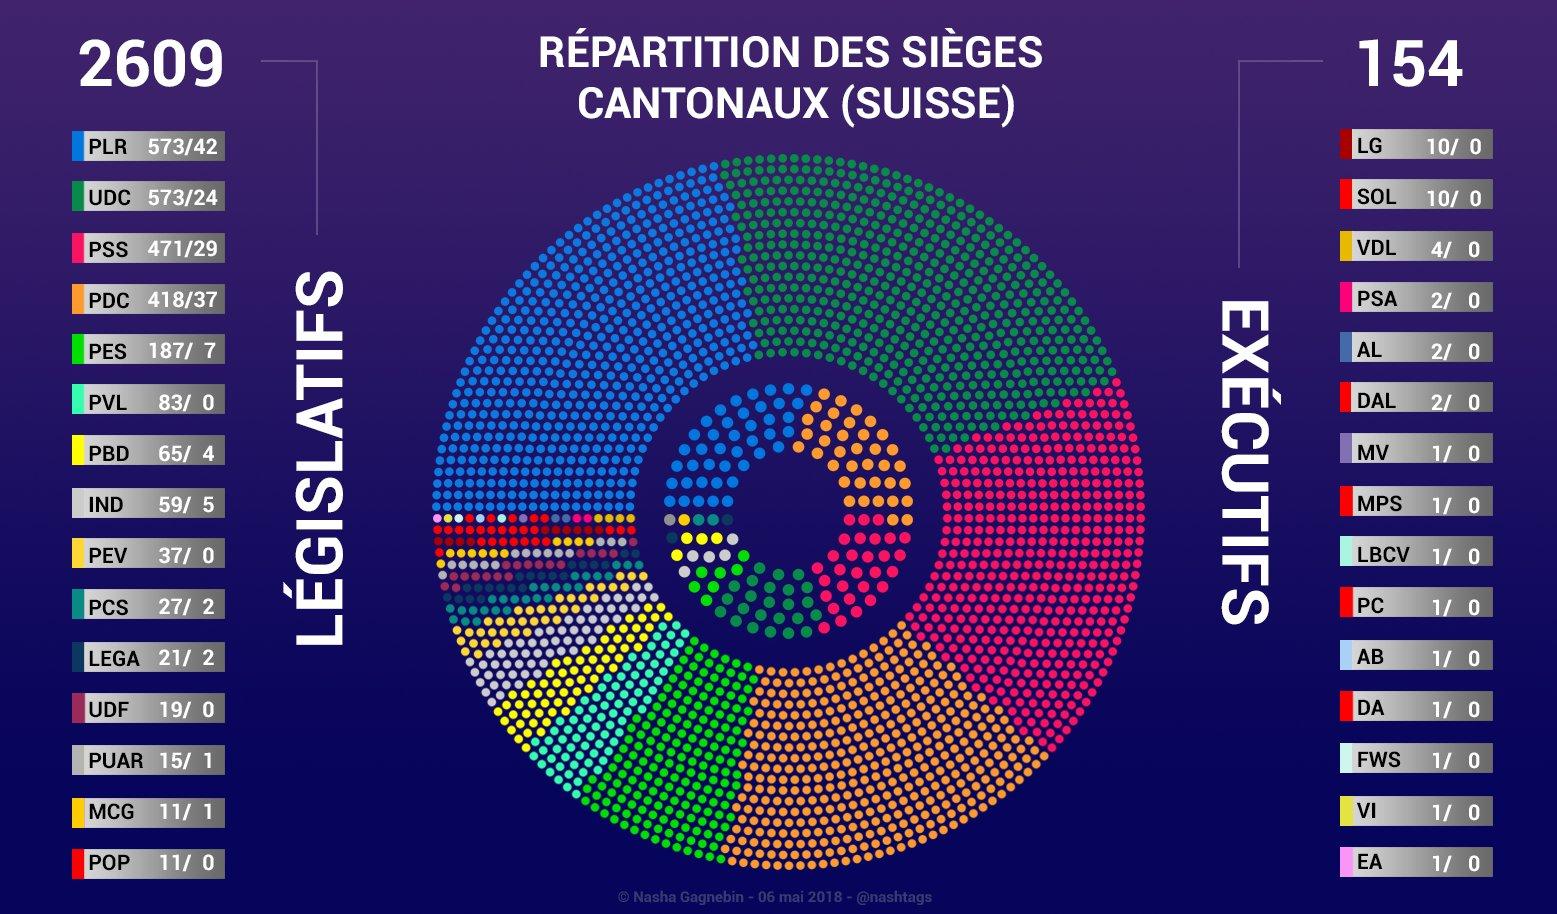 partis politique cantonal suisse 2018